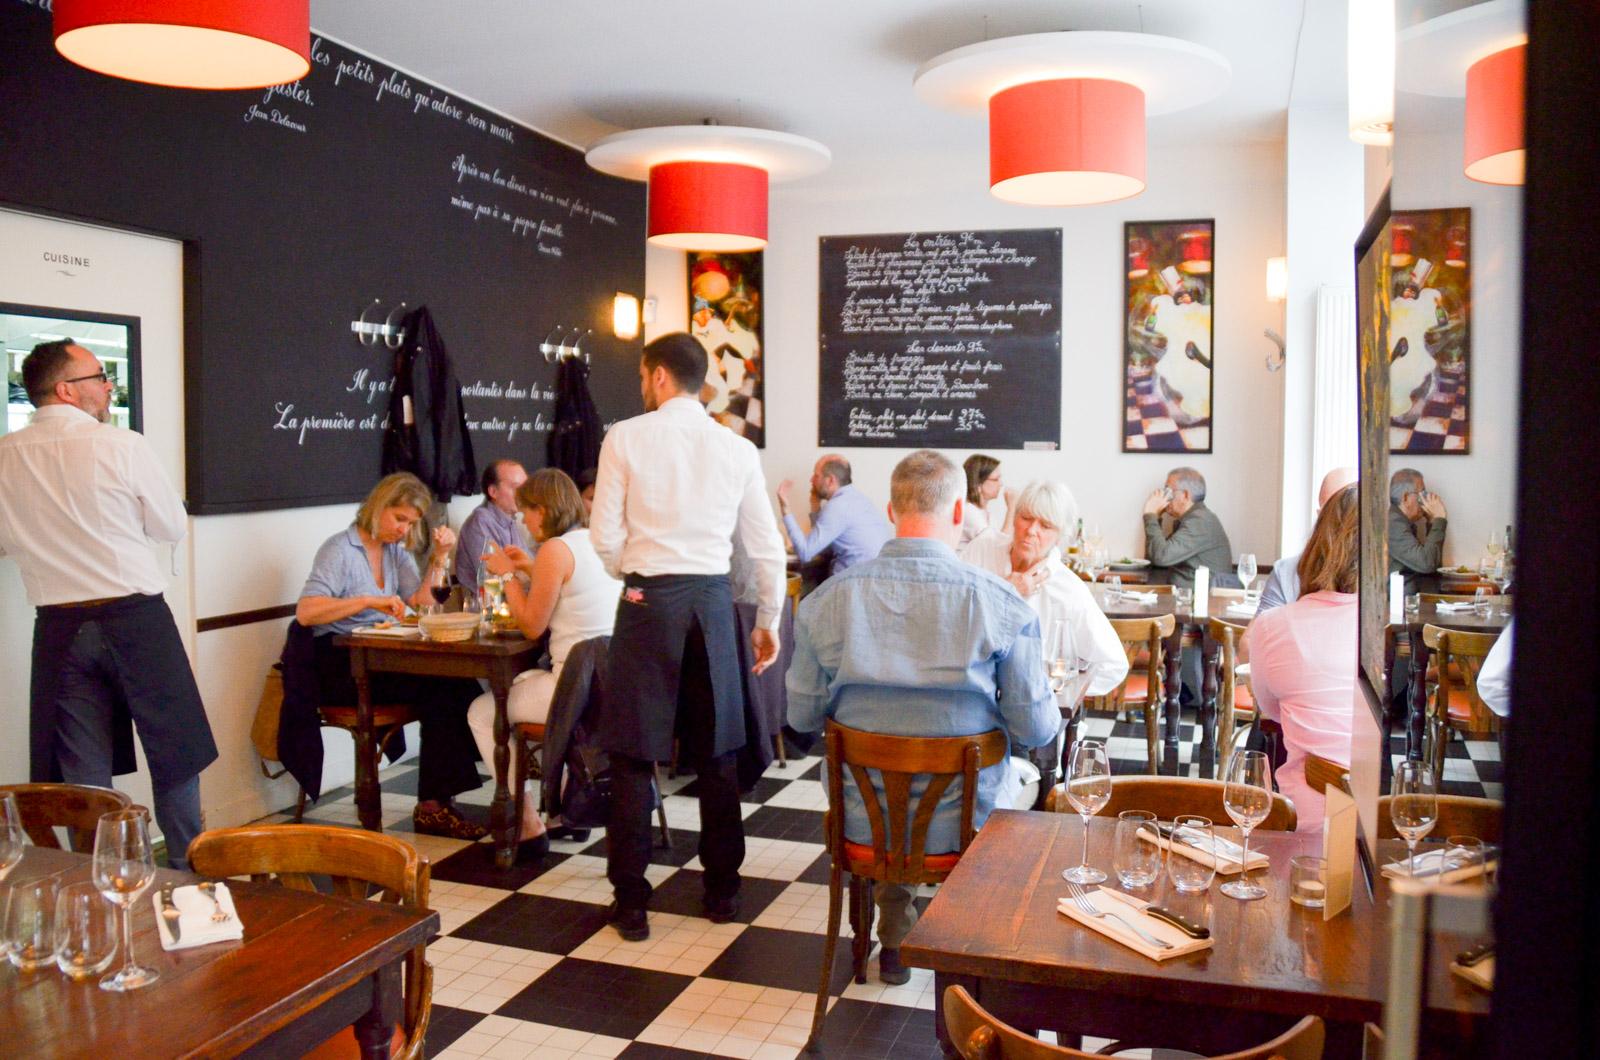 Restaurant Les Canailles Diner (3 Sur 20)